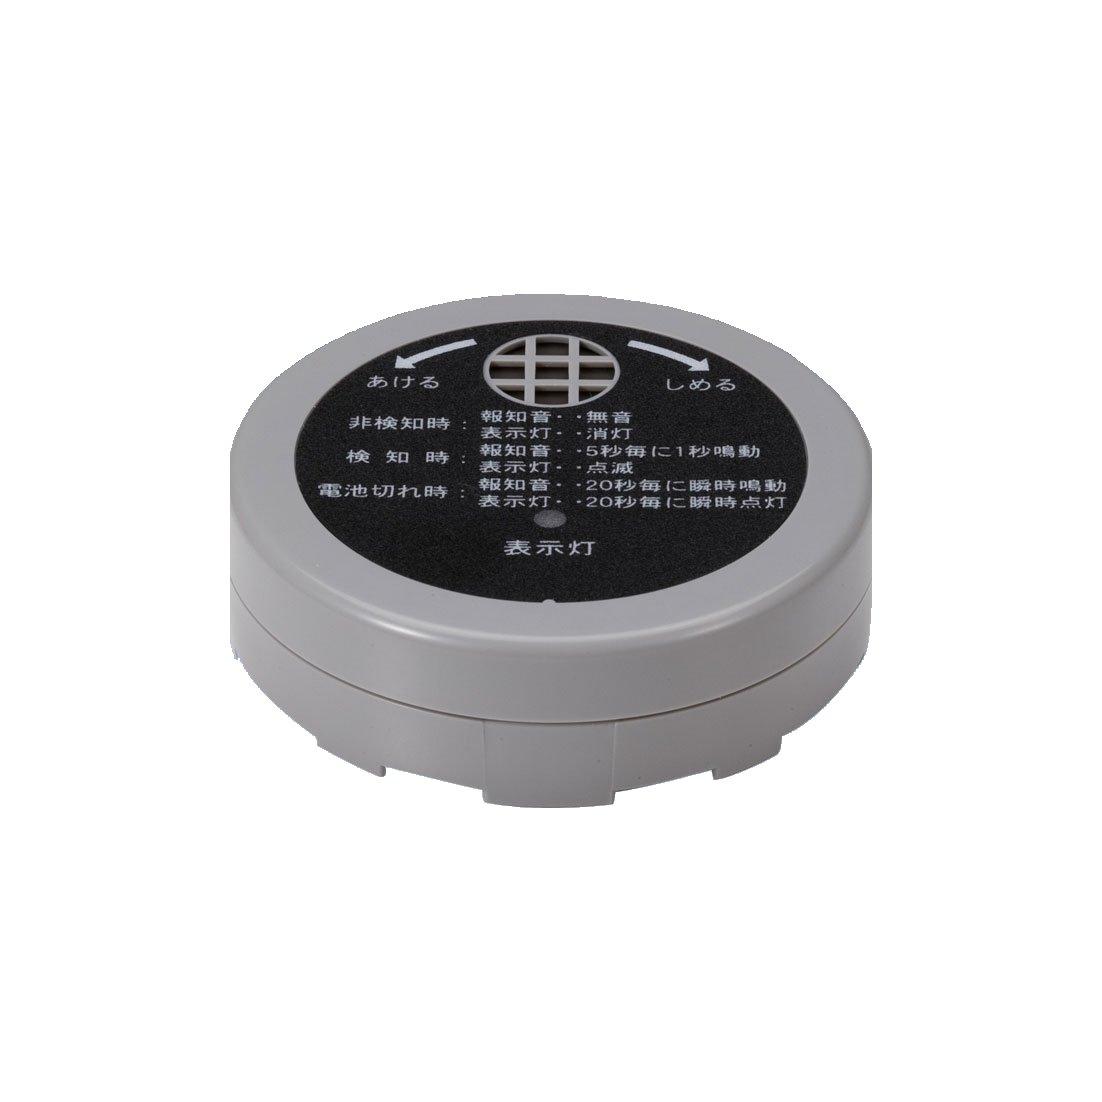 水もれ報知器 漏水センサー EXL-SS12 B005LYLKWM